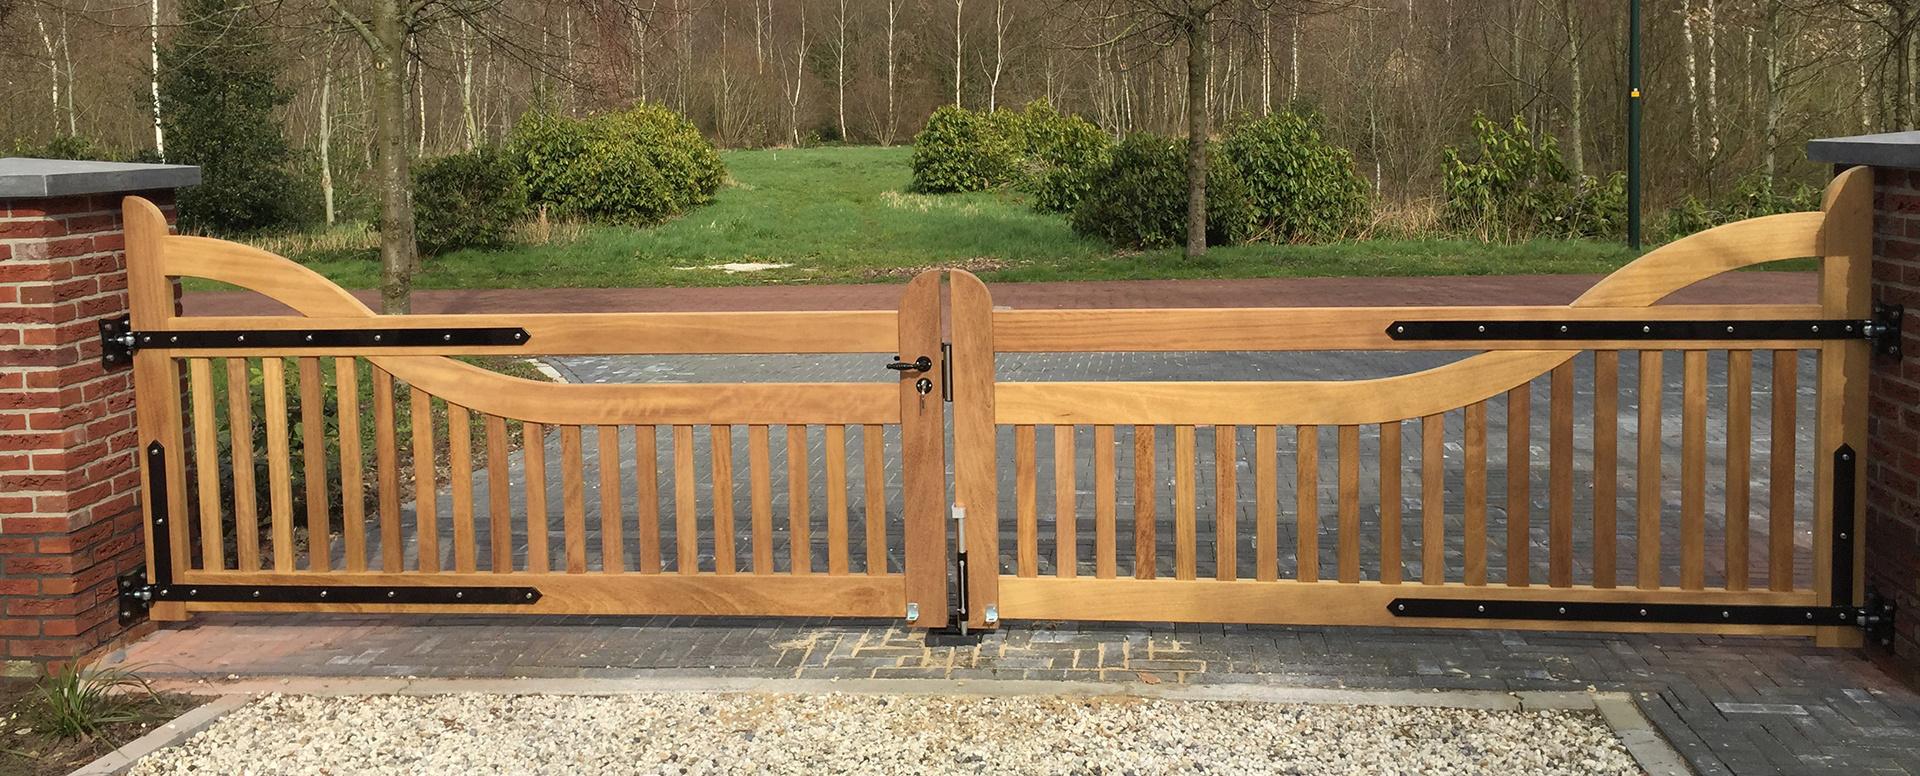 Houten poort, draaipoort, landelijke stijl. Maatwerk exclusieve poort van zeer duurzaam hout. Vakmanschap van Farm Poorten.